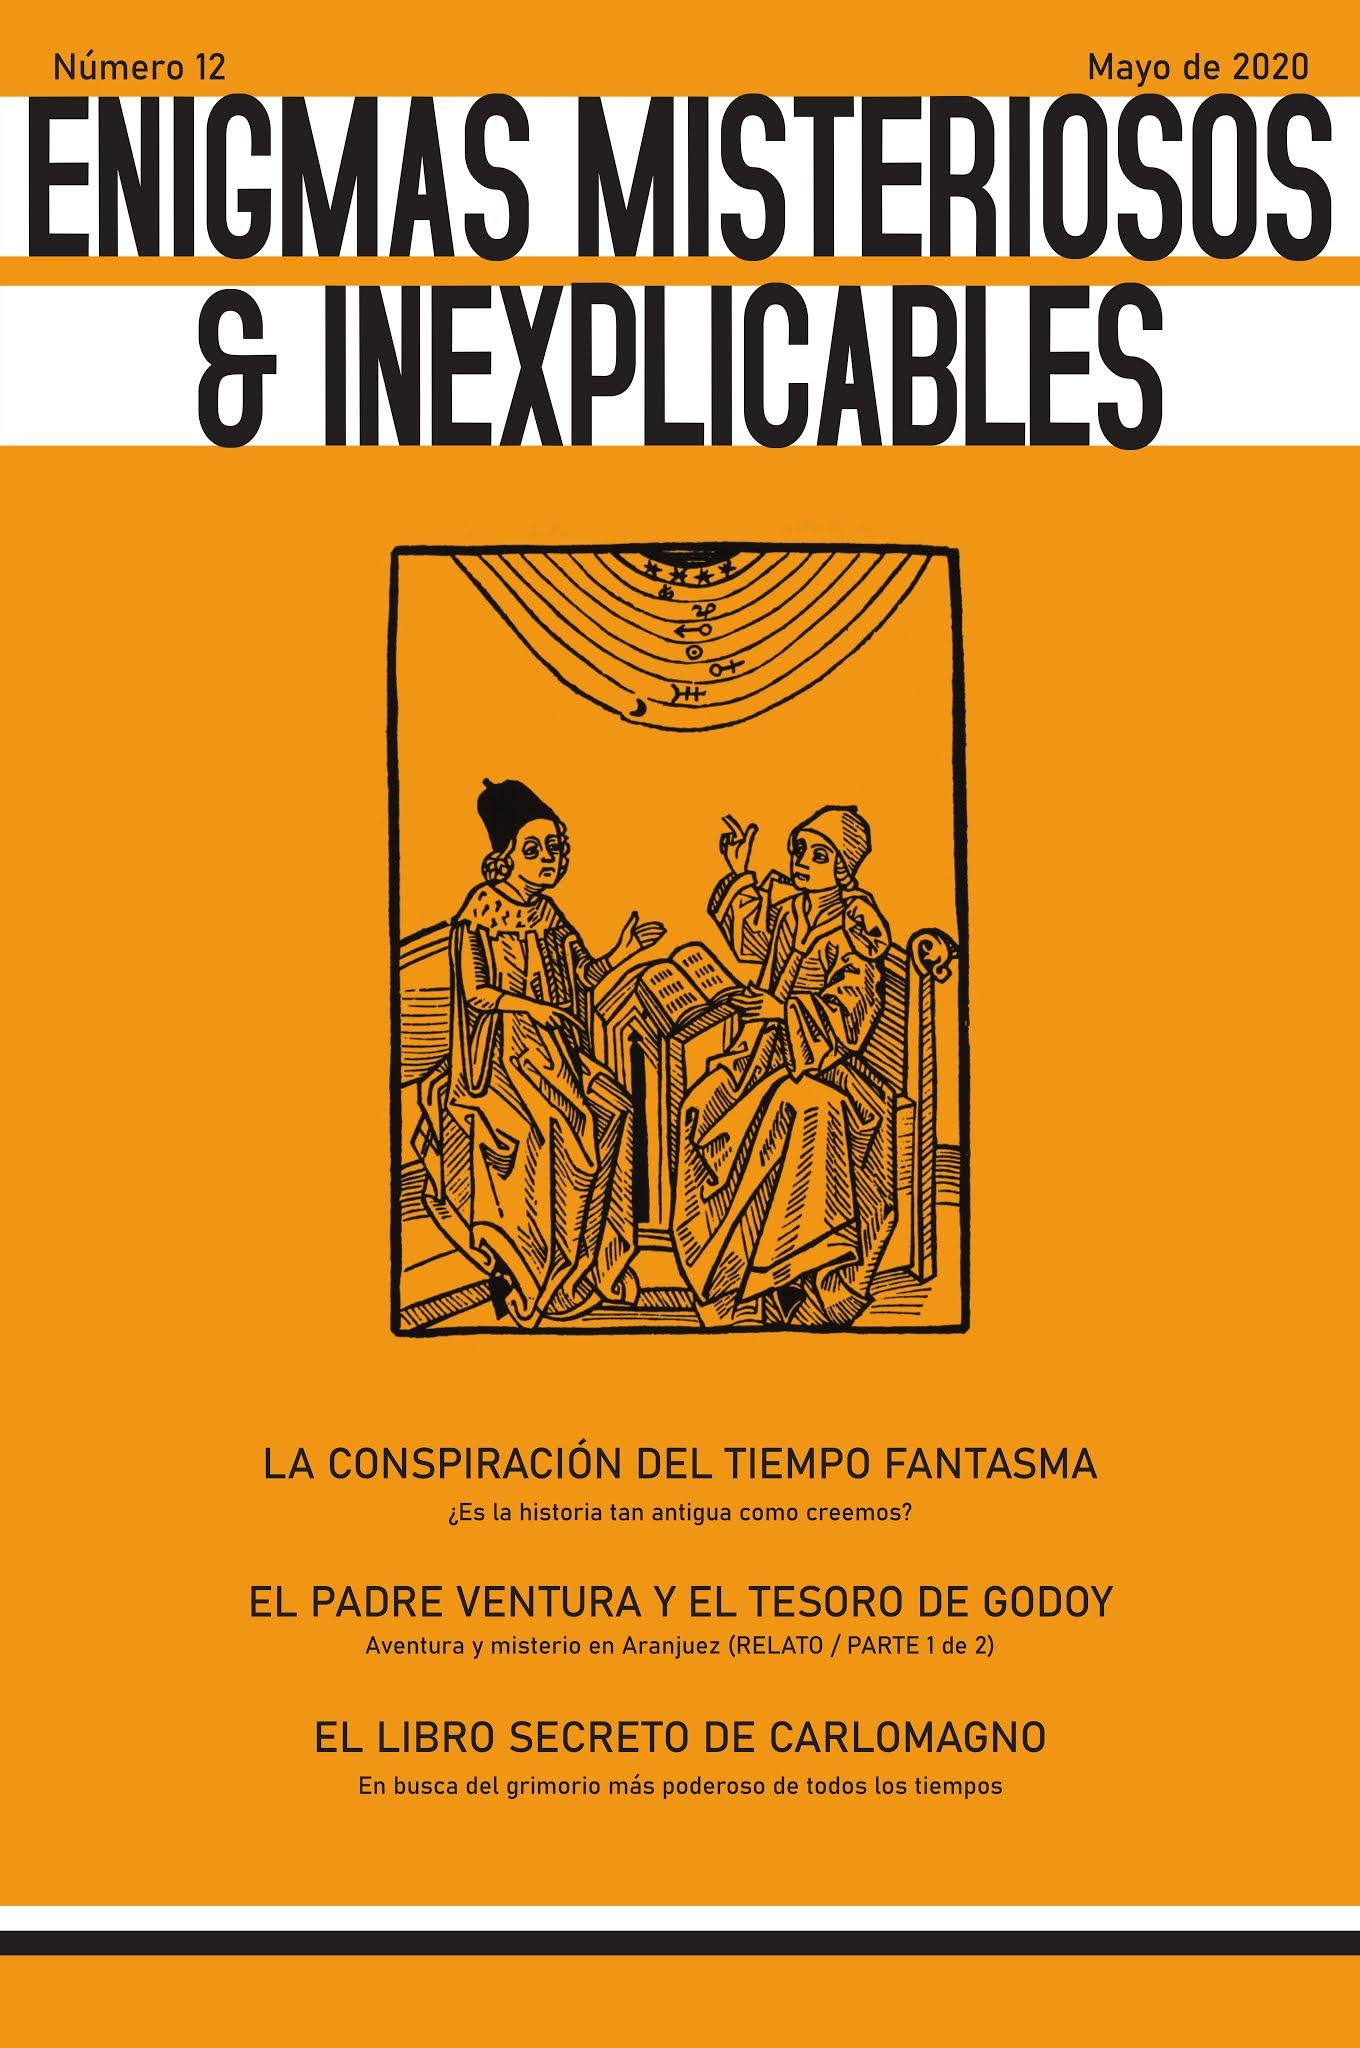 Enigmas Misteriosos & Inexplicables / Número 12 / Mayo de 2020